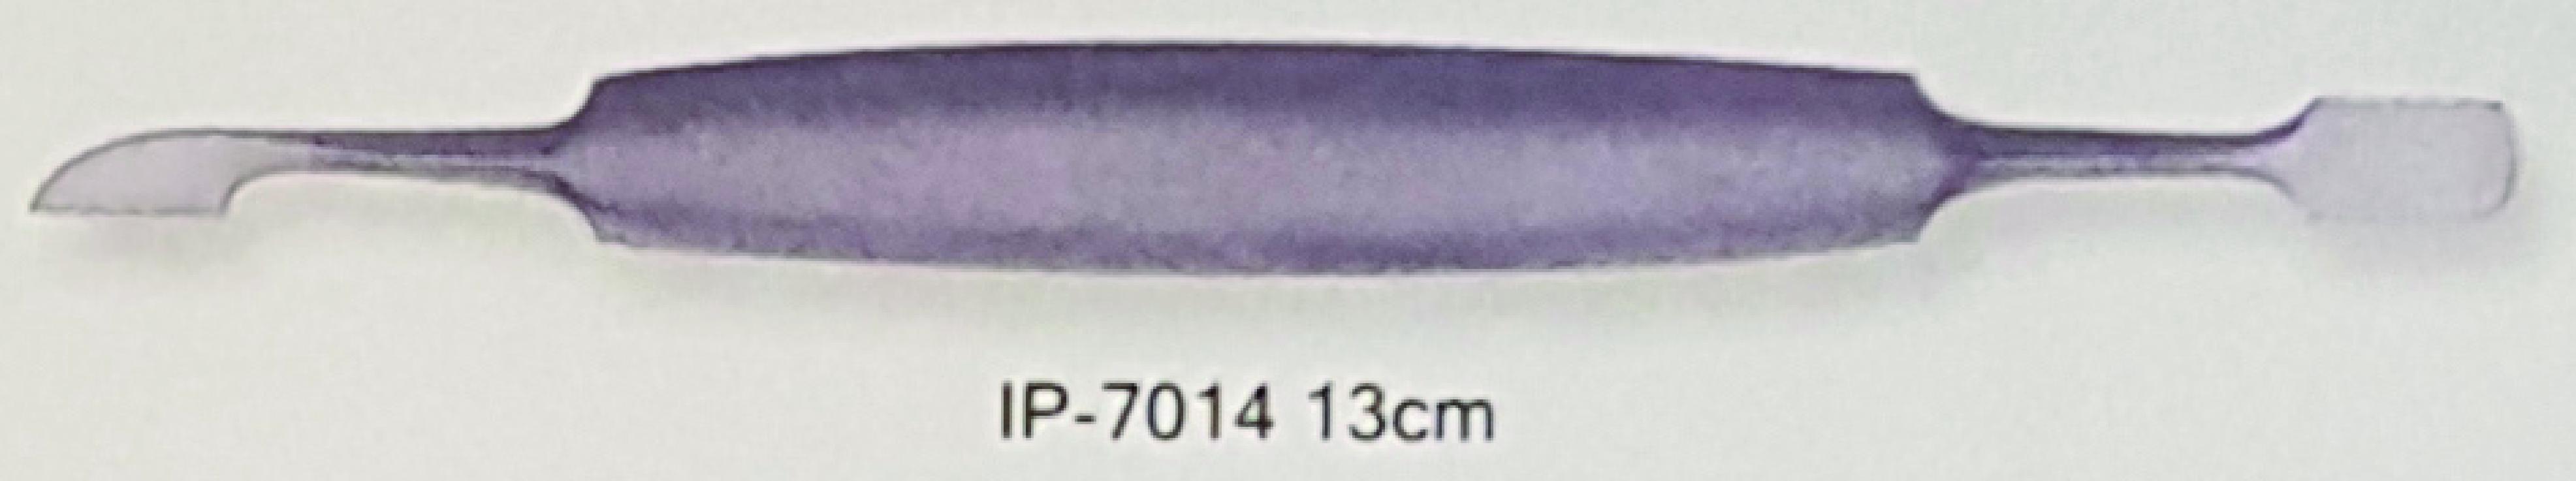 IP-7014 13cm